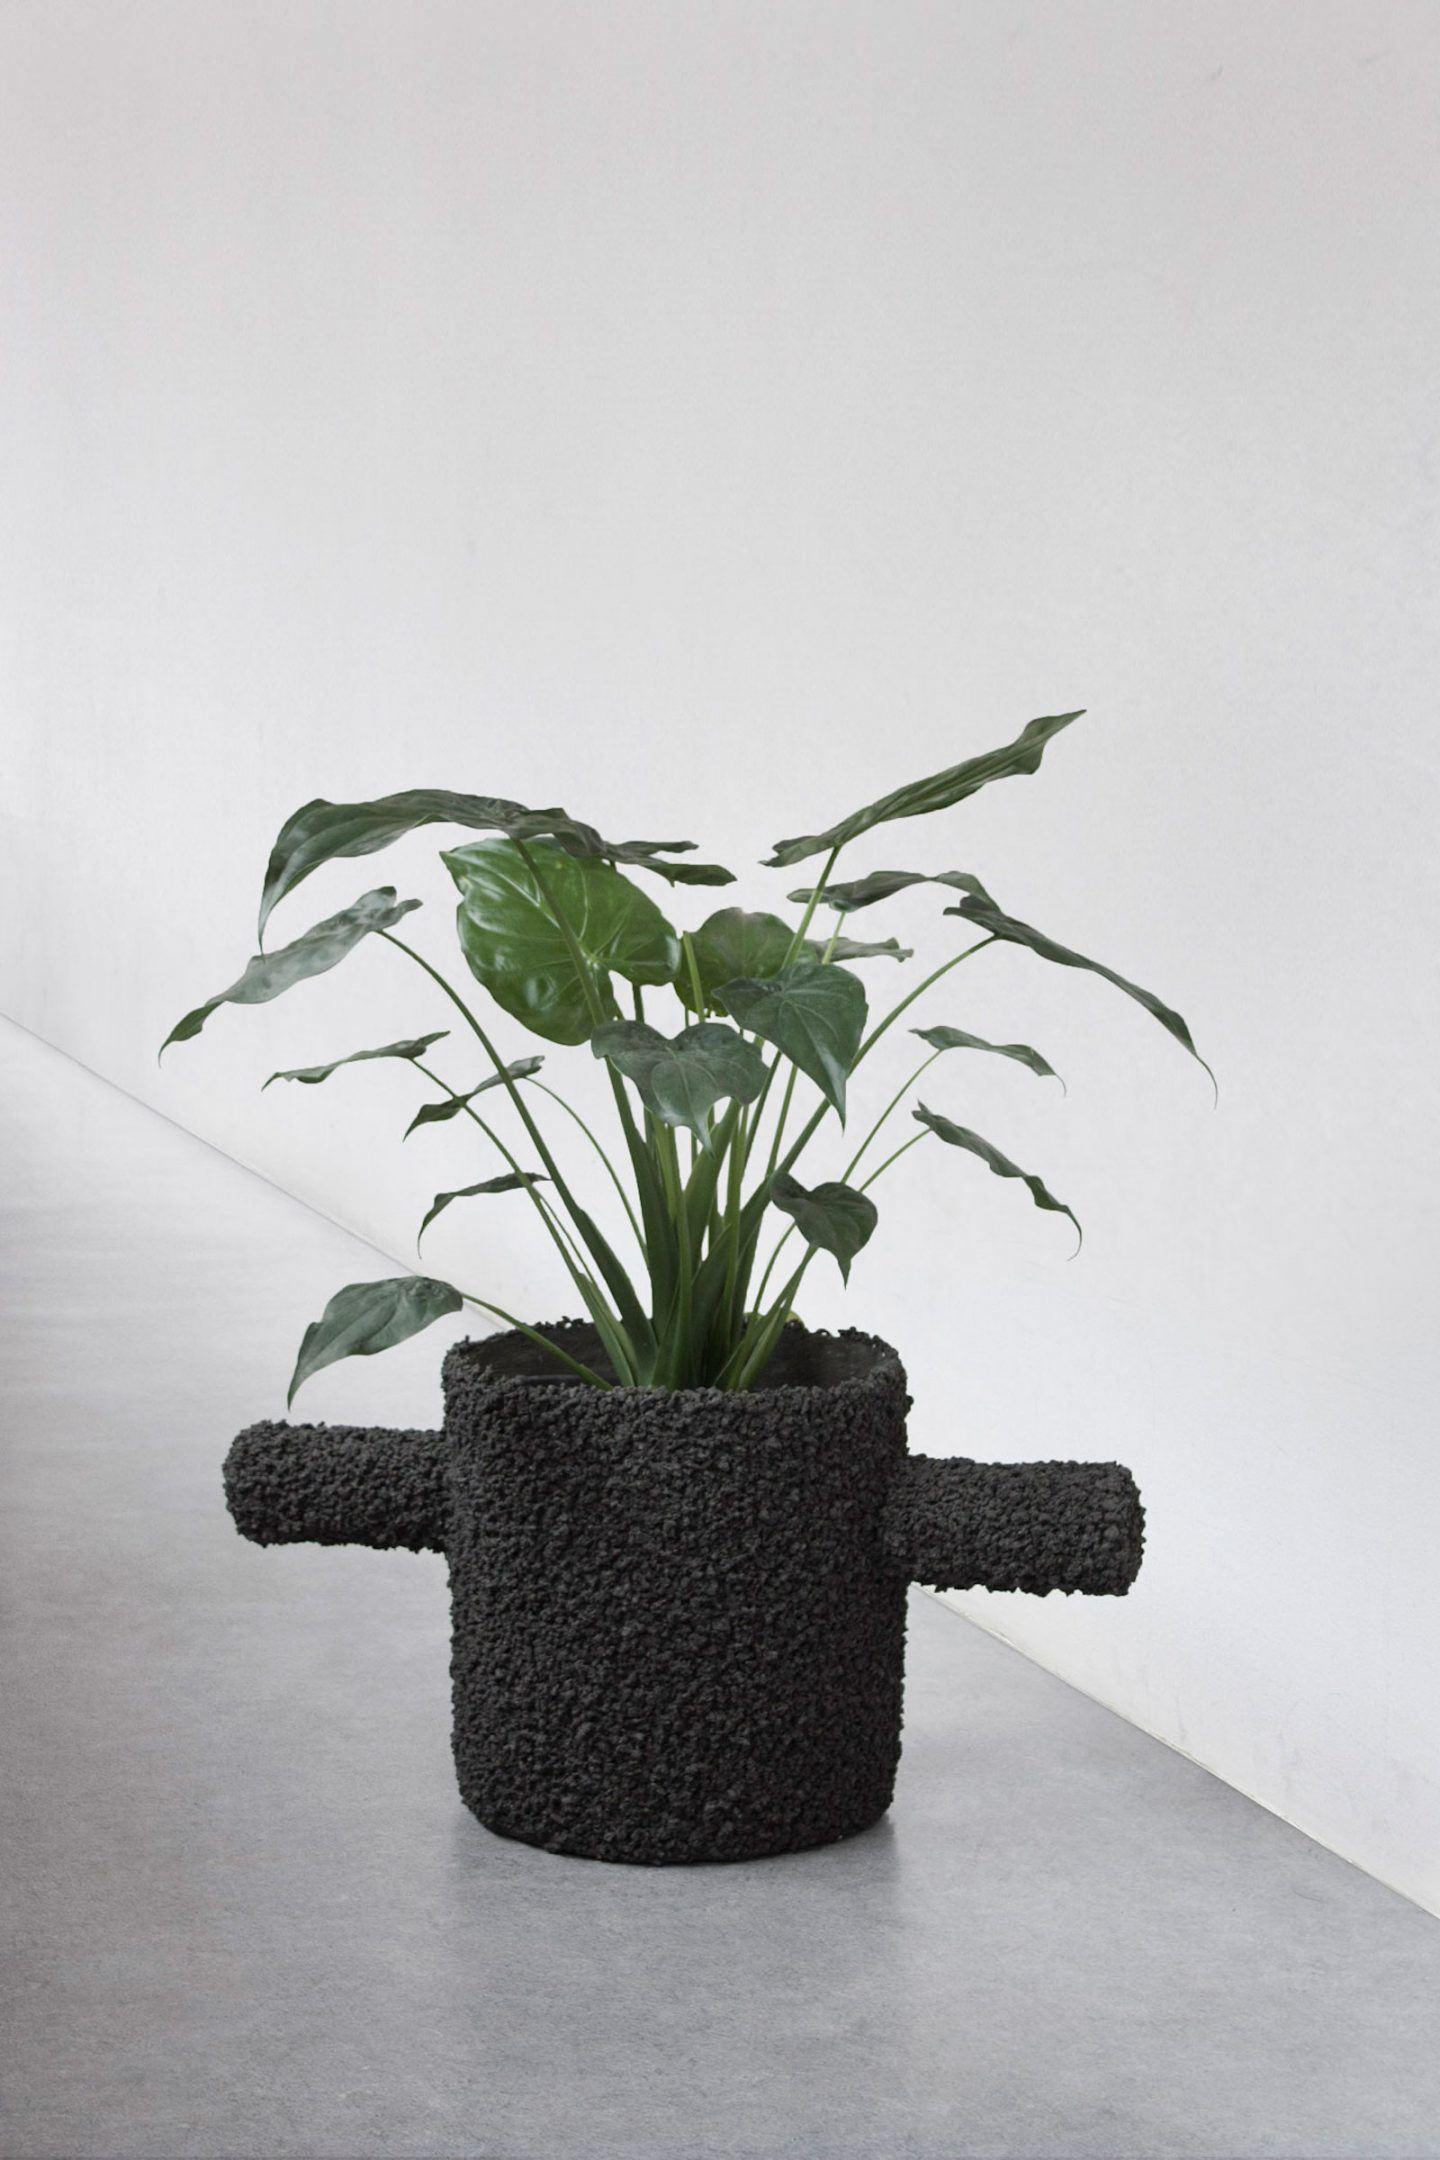 IGNANT-Design-Stine-Mikkelsen-011